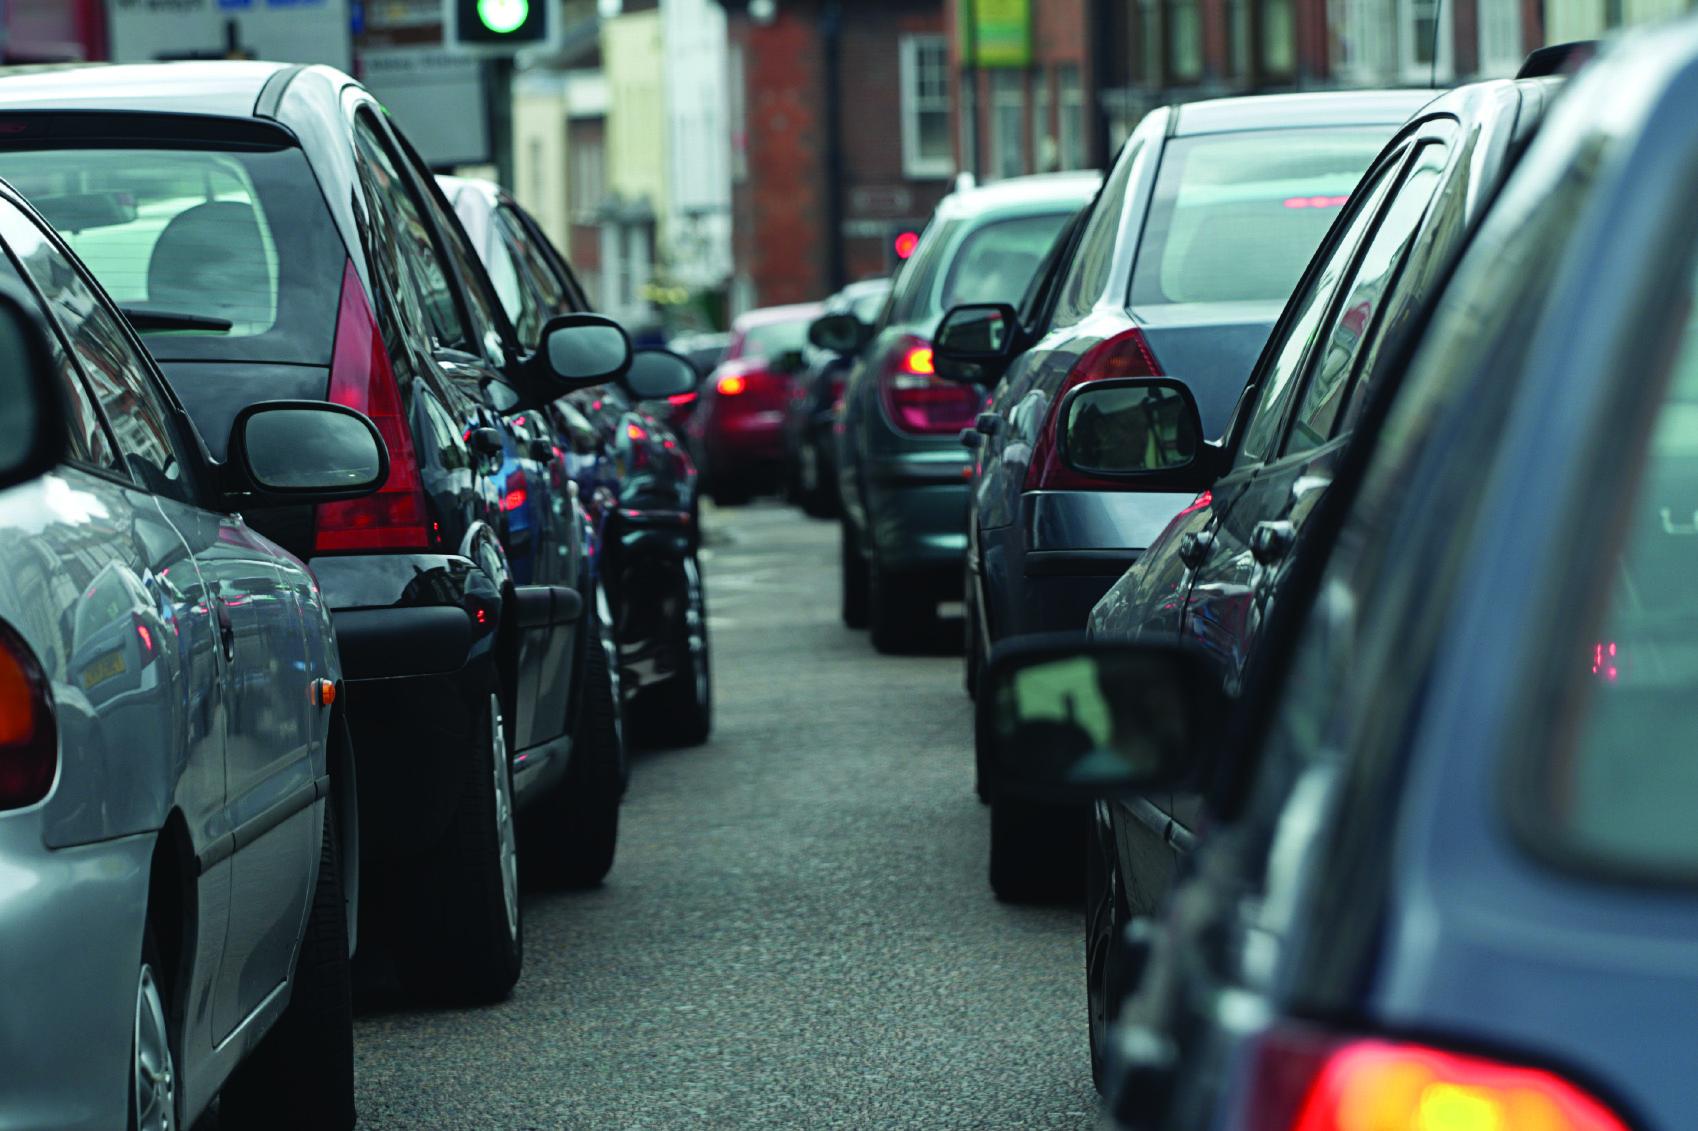 Co-voiajarea în România nu inseamna profit pentru conducatorul auto